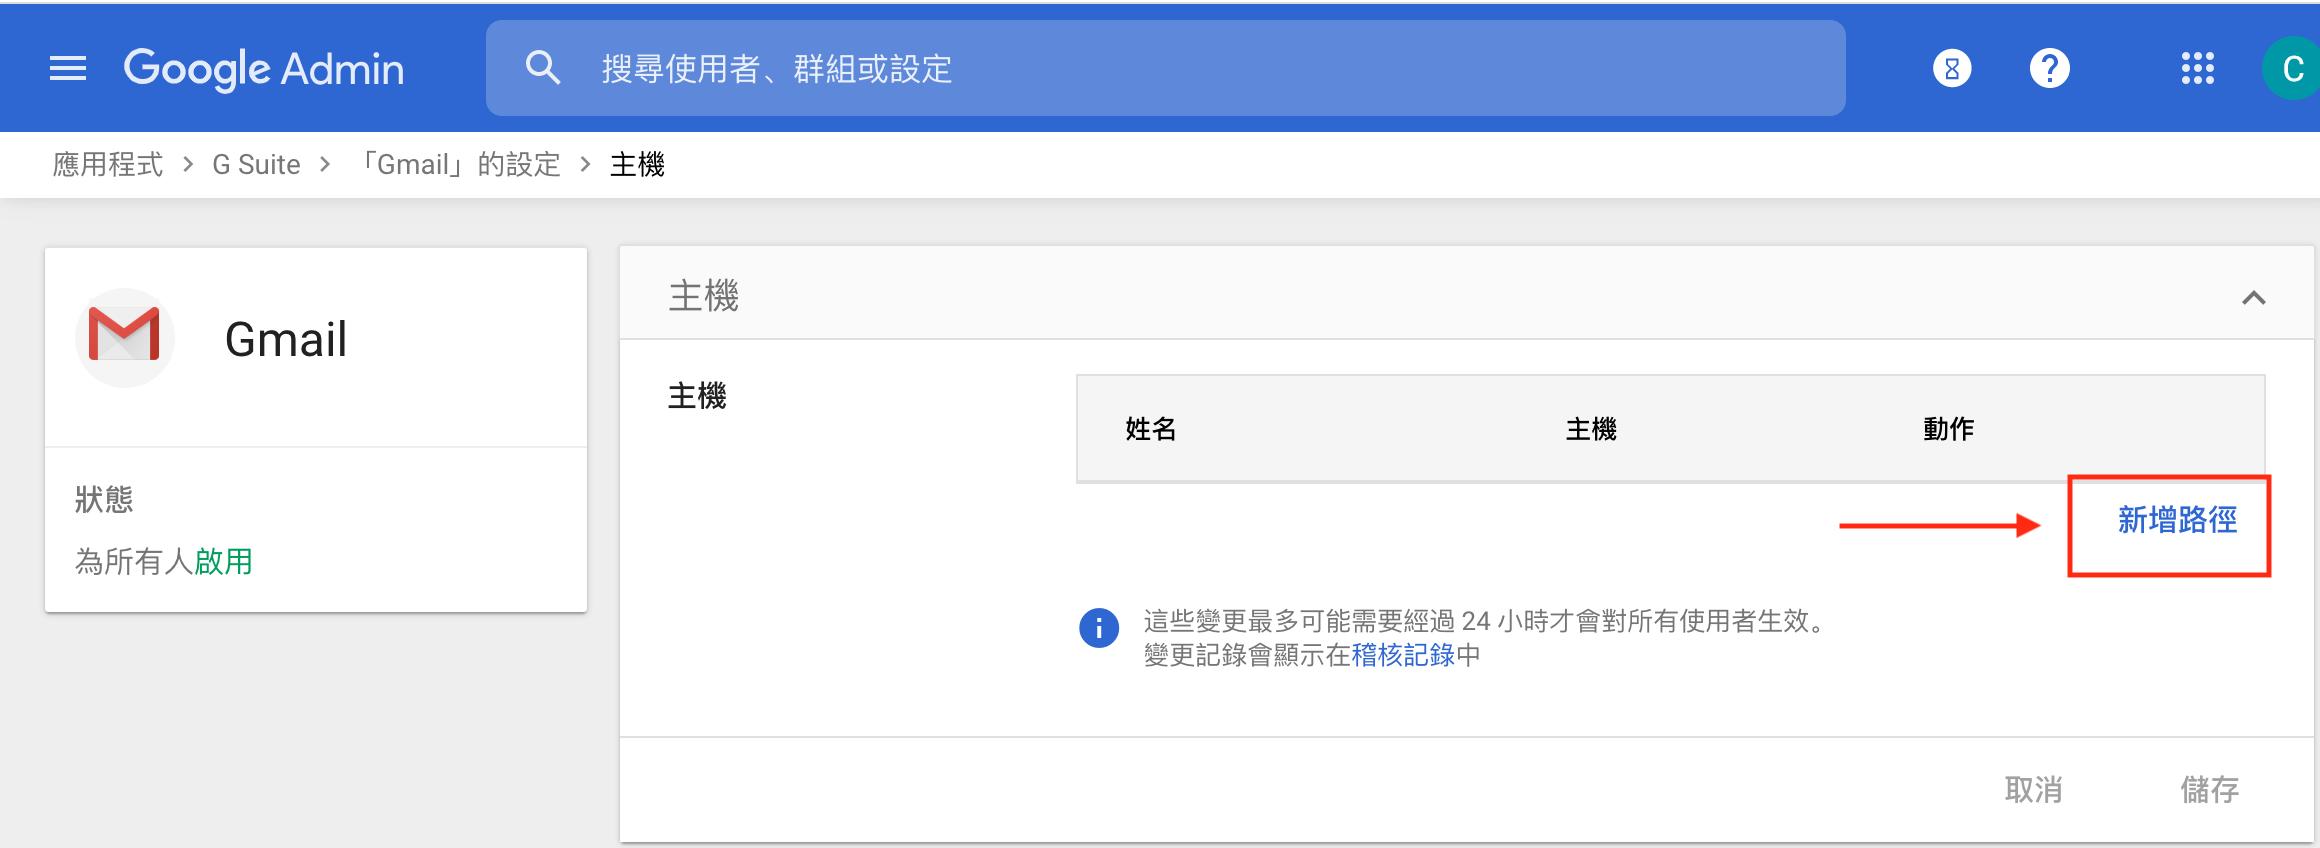 Screen_Shot_2020-04-02_at_11.28.30.png